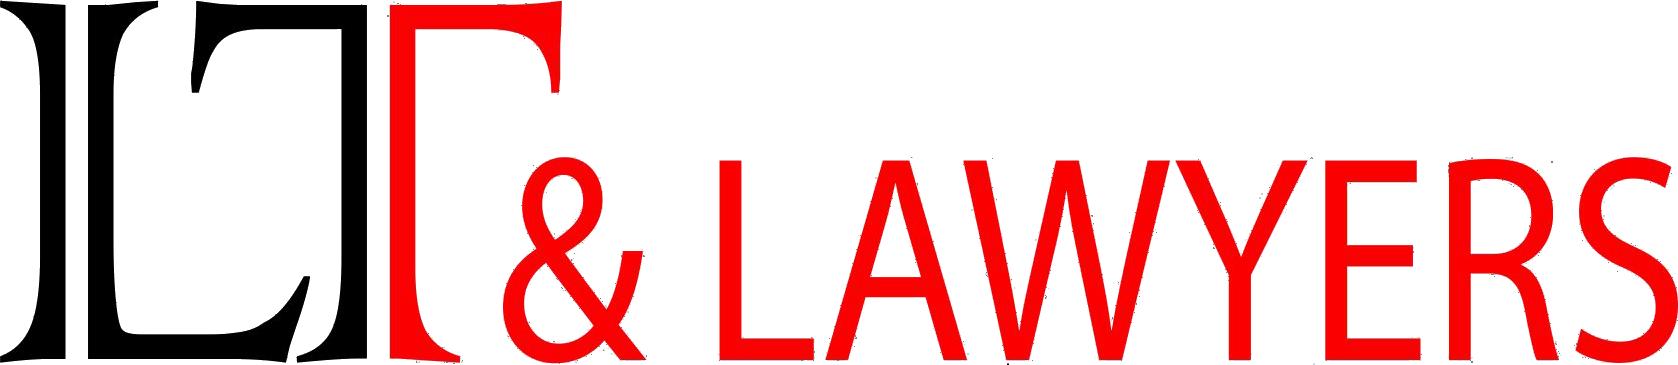 ltt & lawyers